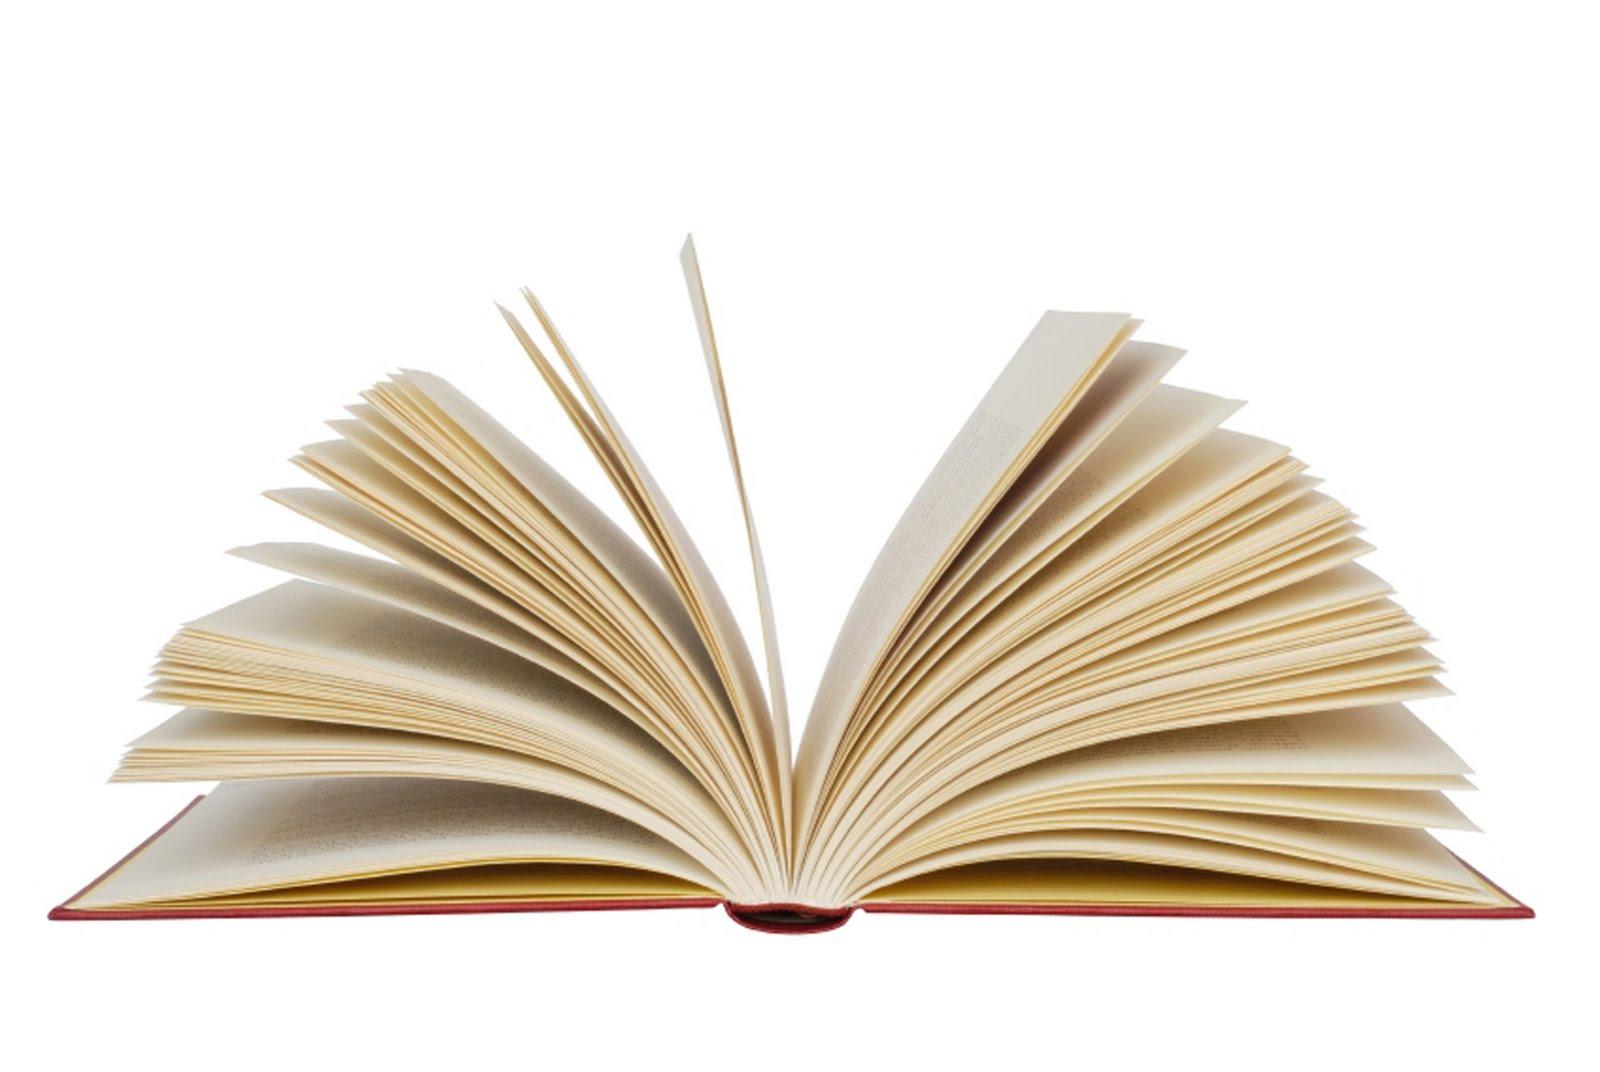 دانلود جزوه و نمونه سوالات کتاب شیمی عمومی ۲ مورتیمر